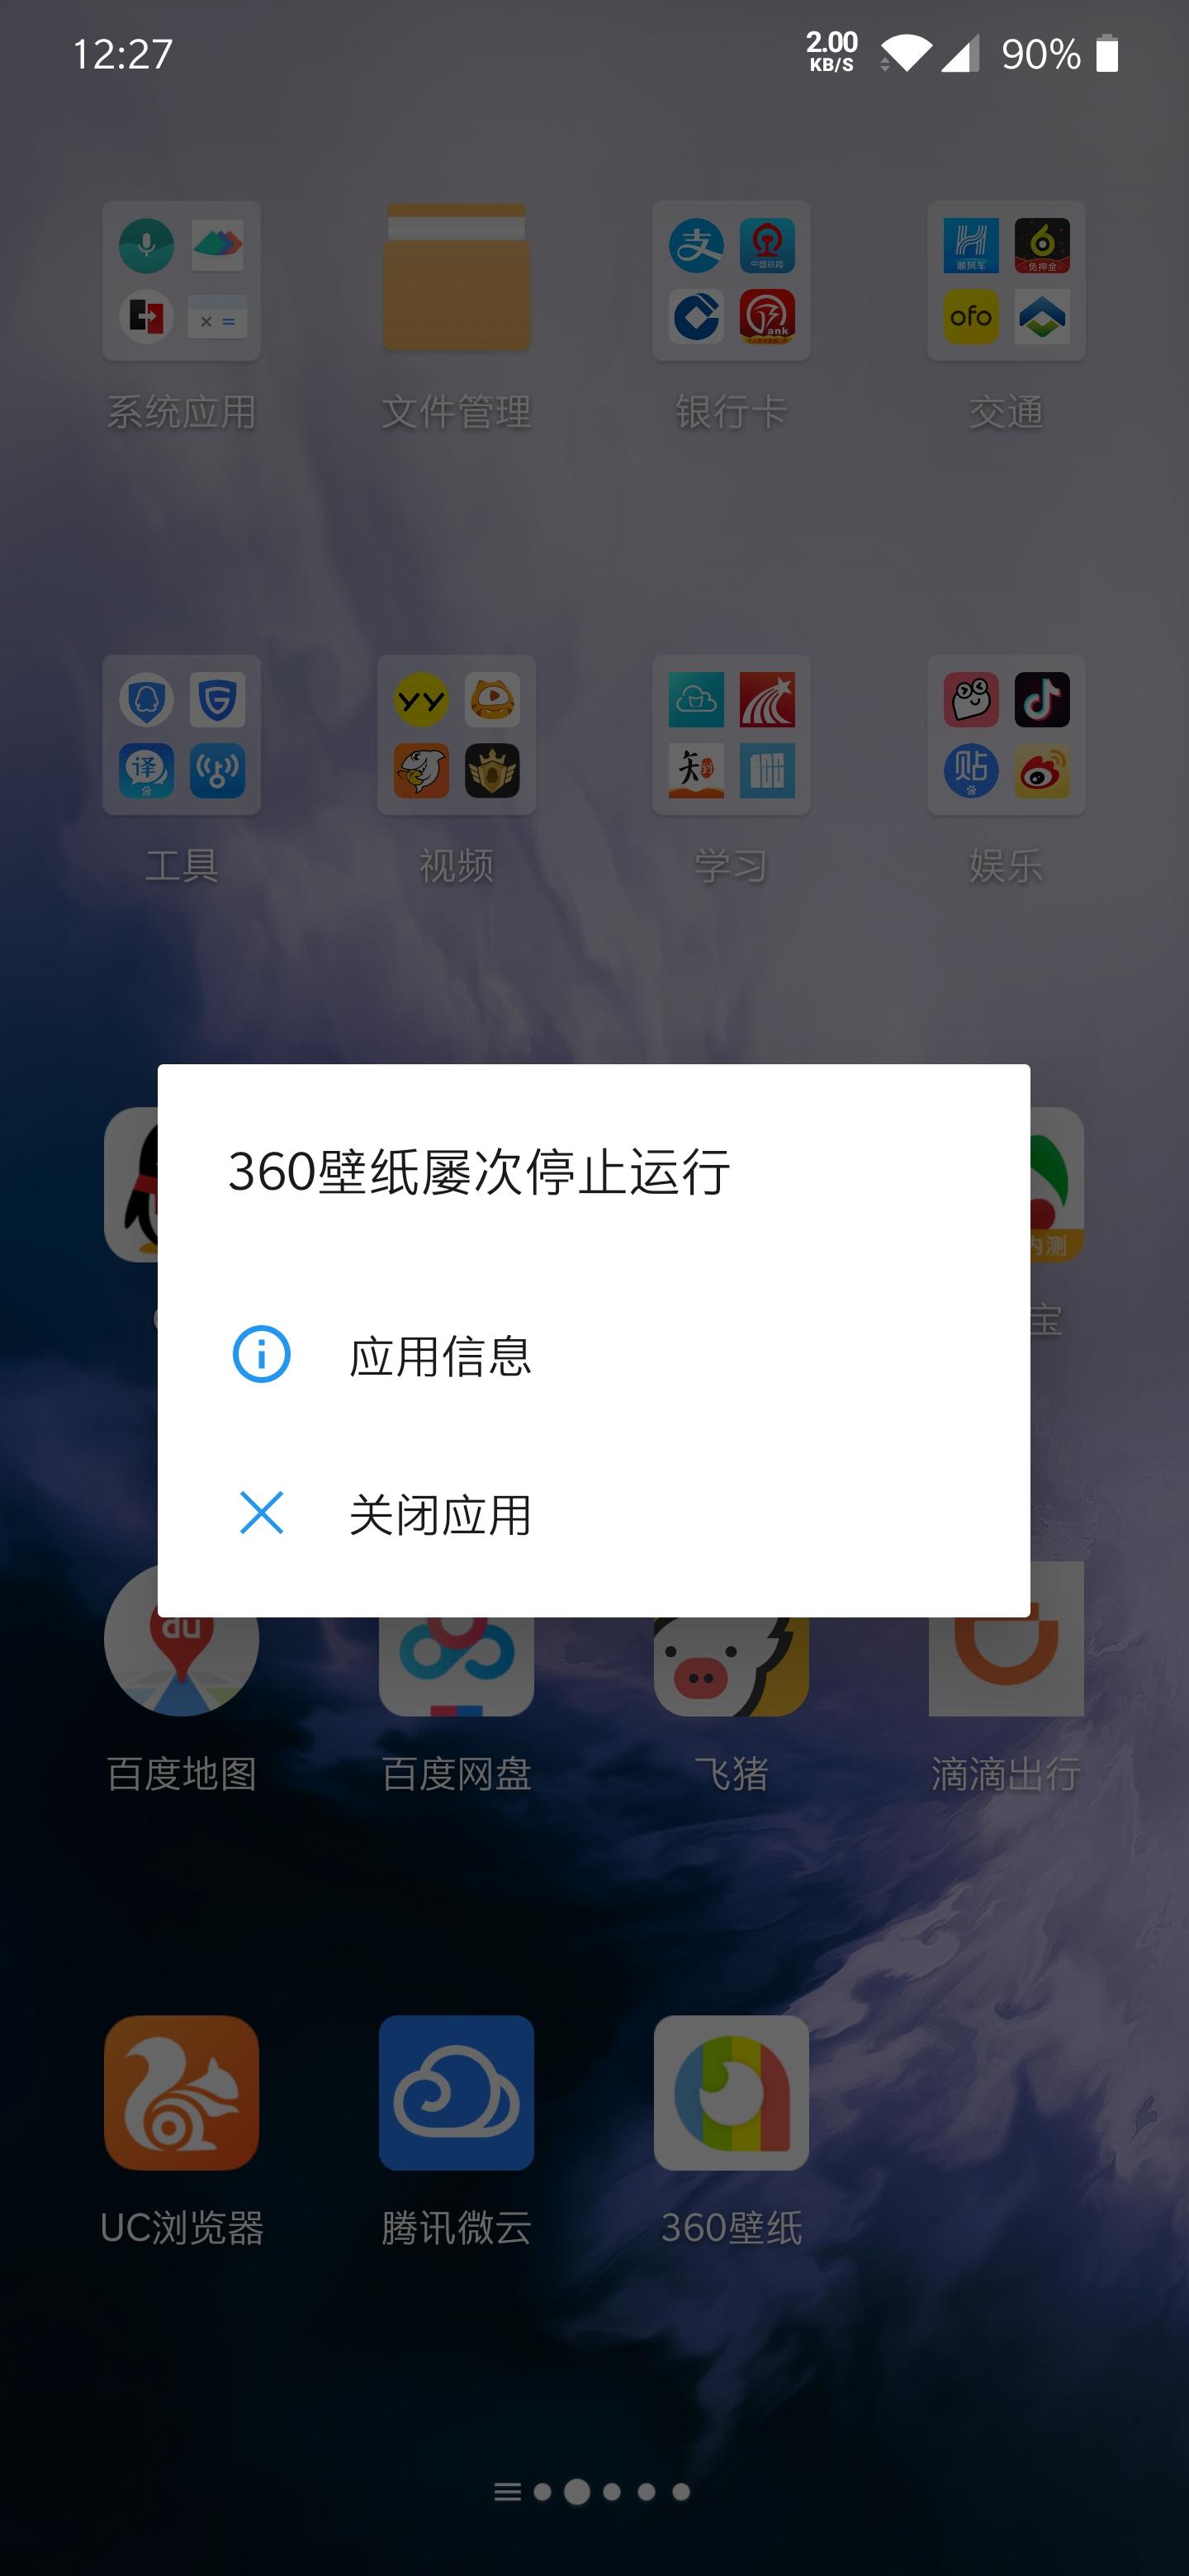 Screenshot_20190724-122707.jpg